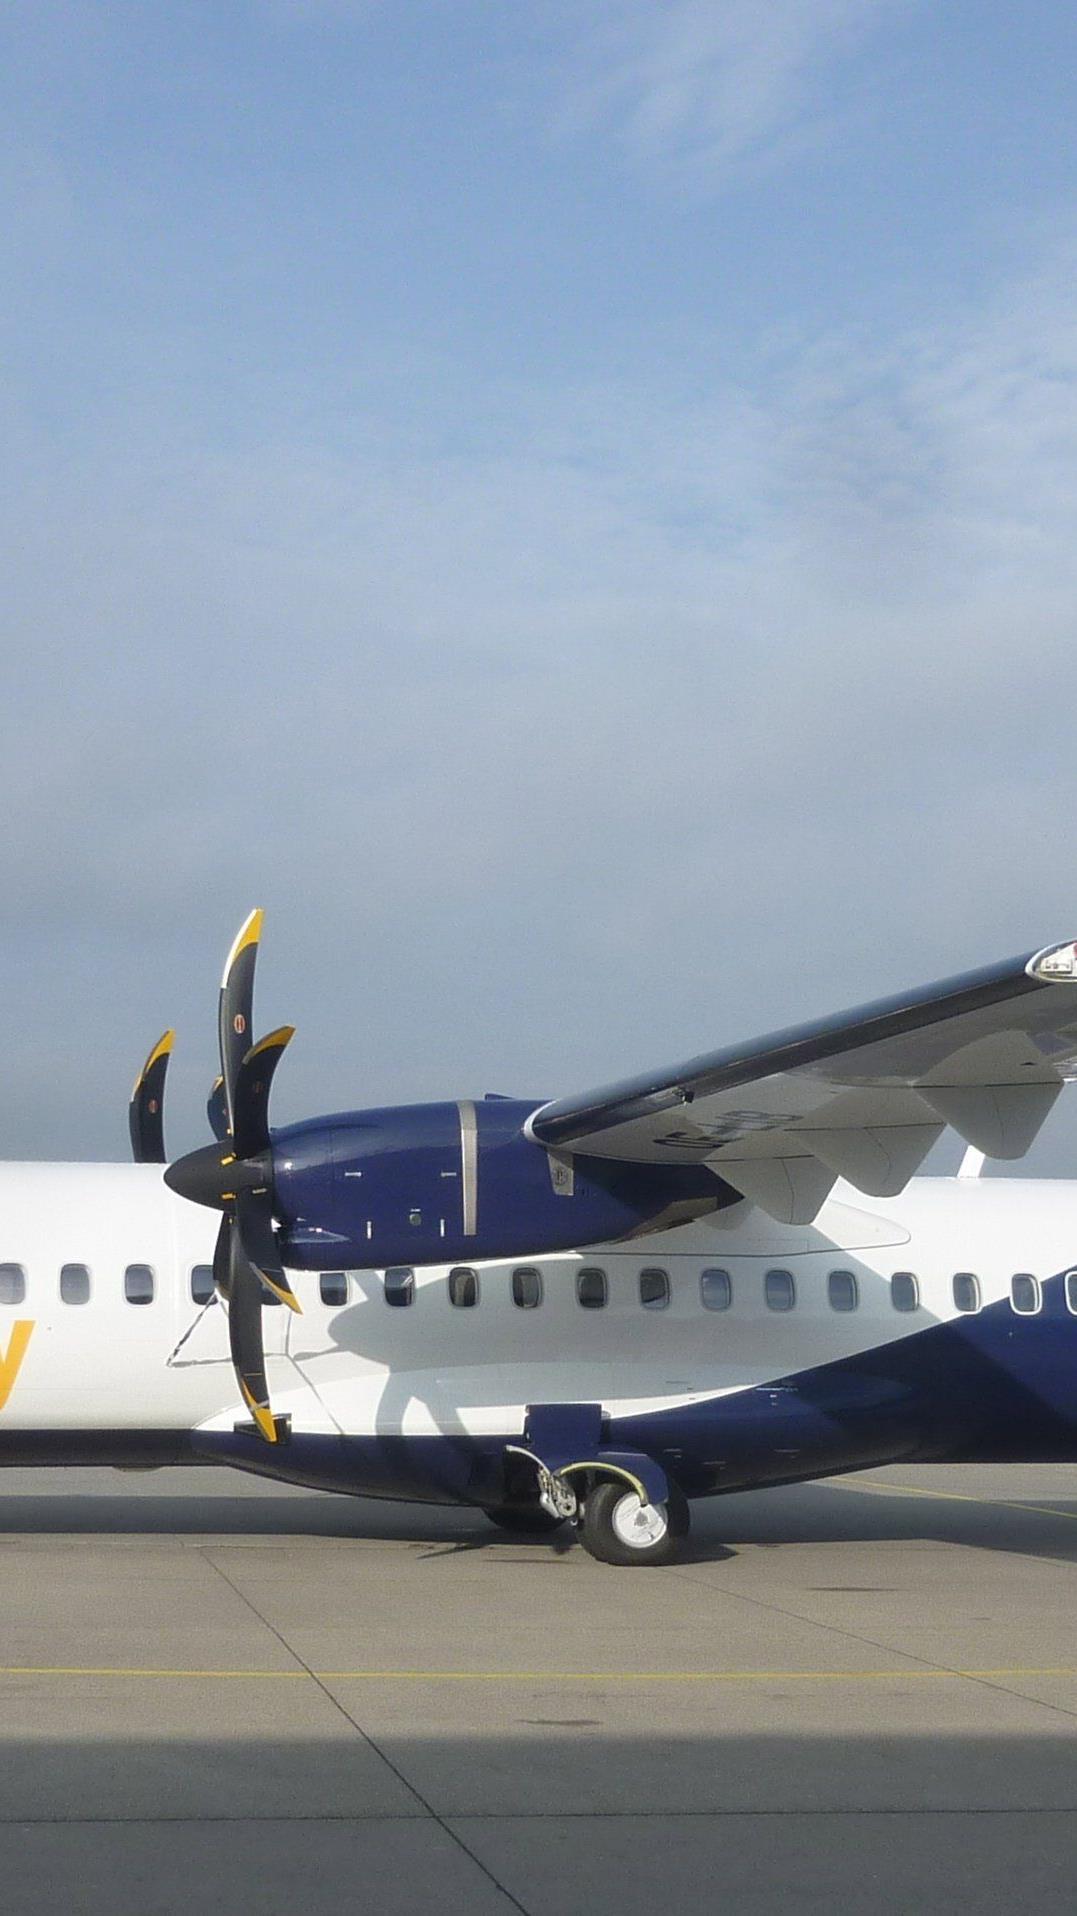 Während InterSky am Boden liegt, sucht der Flughafen Friedrichshafen nach Ersatz.